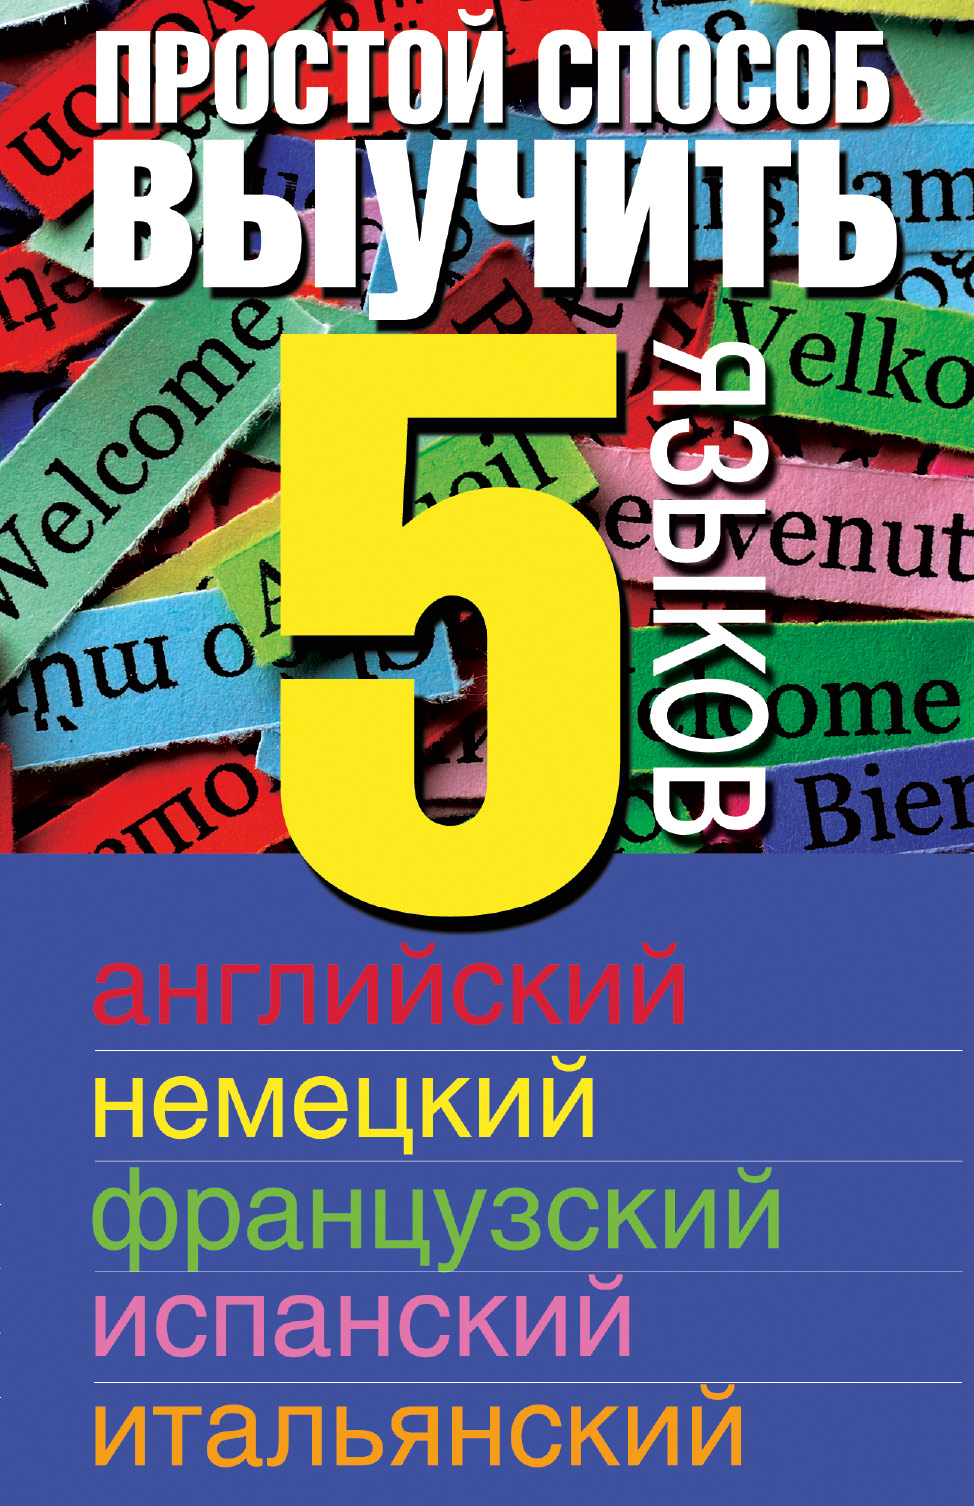 Простой способ выучить 5 языков: английский, немецкий, французский, испанский, итальянский. от book24.ru